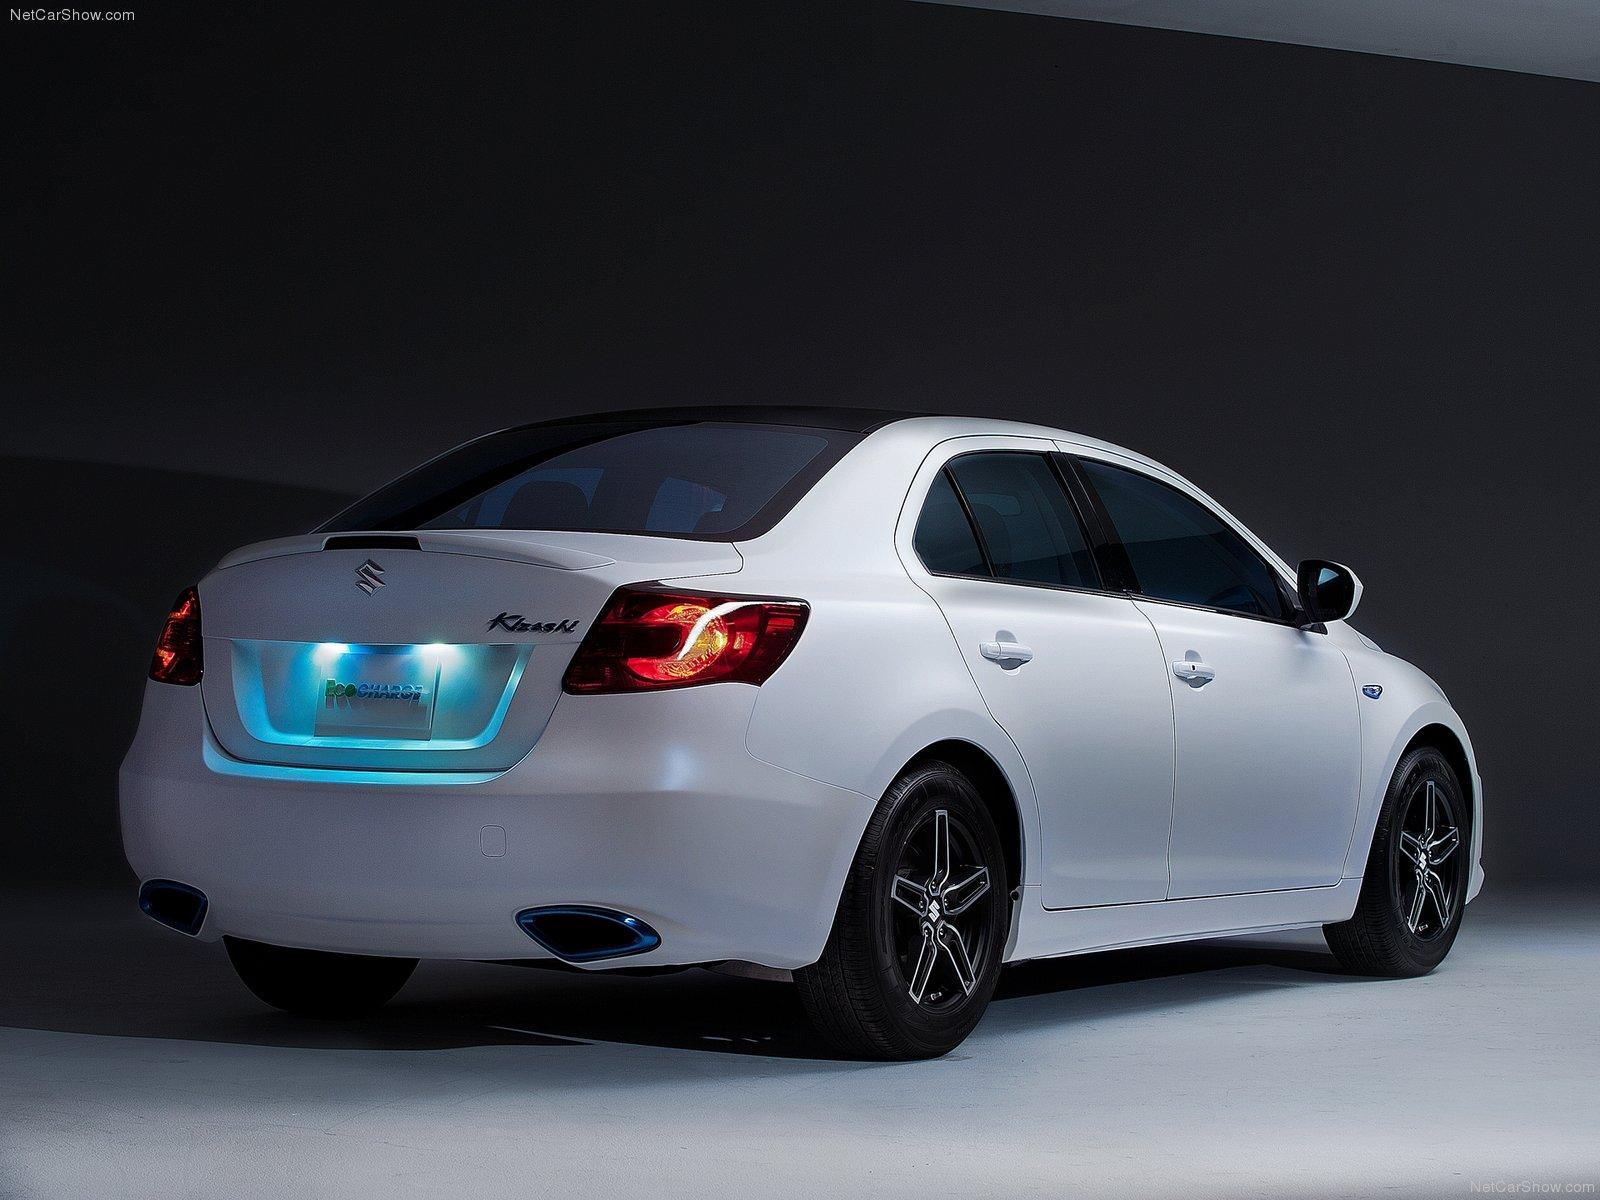 Hình ảnh xe ô tô Suzuki Kizashi EcoCharge Concept 2011 & nội ngoại thất